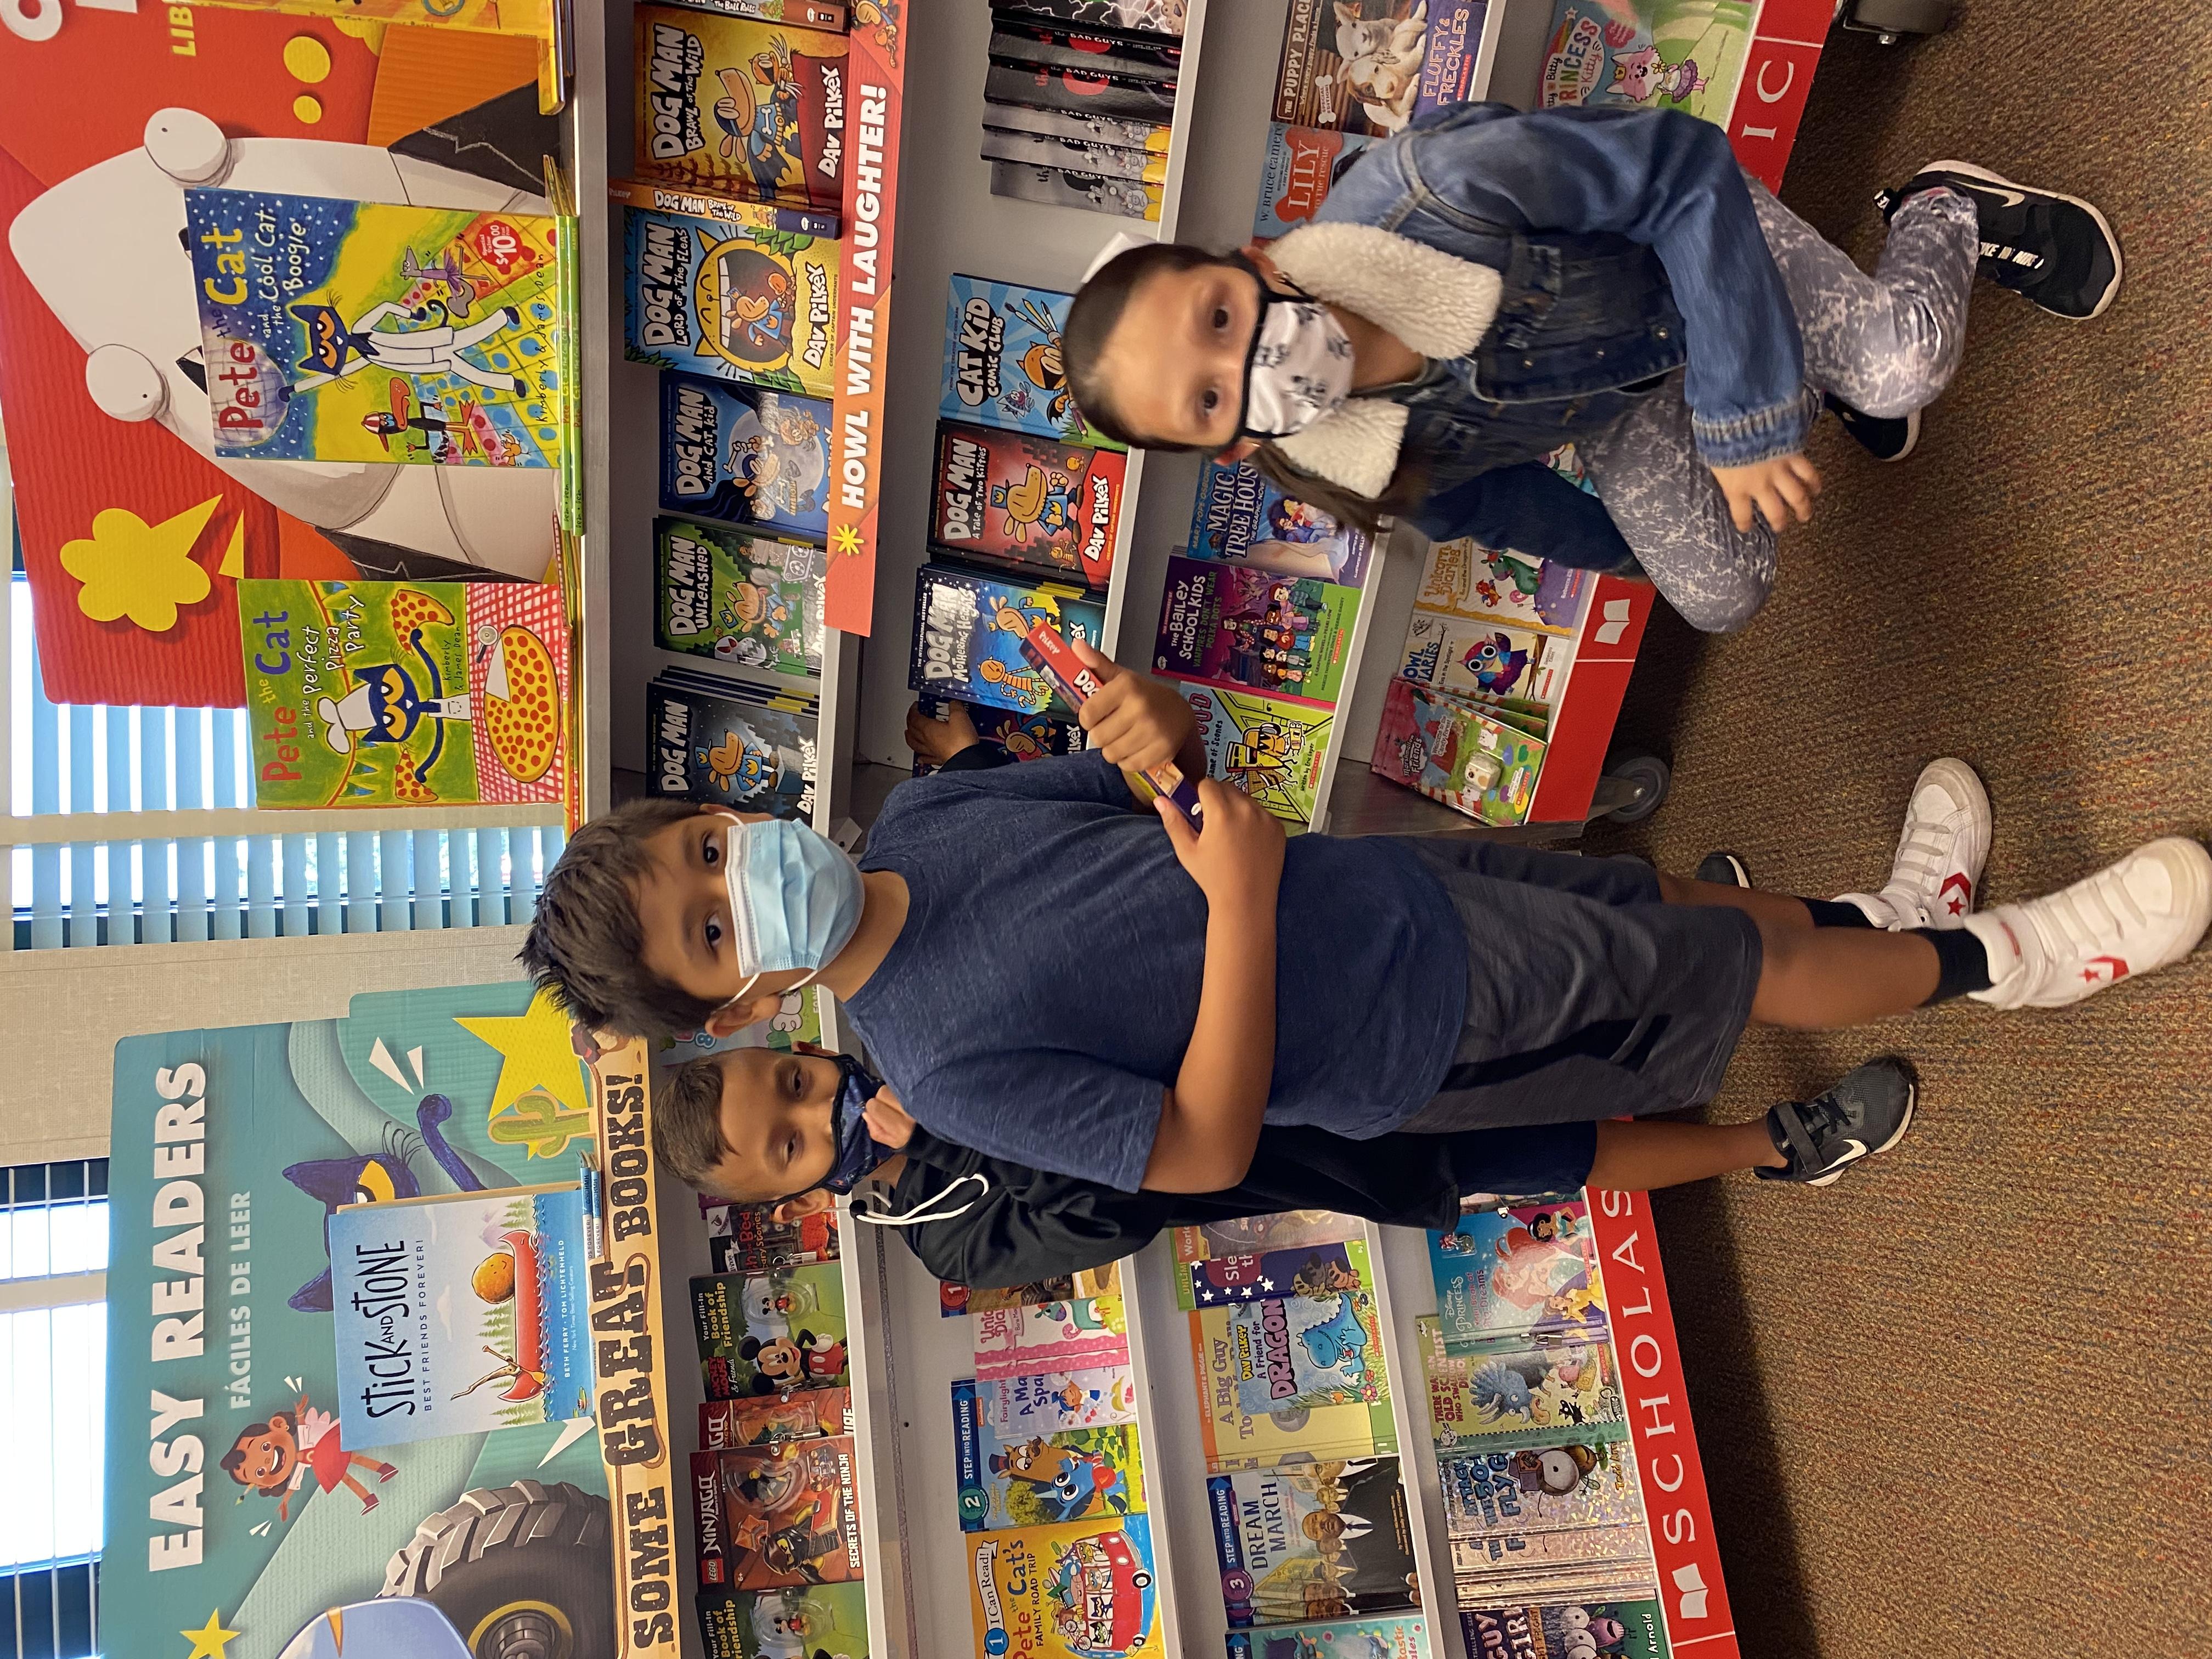 shopping at the book fair